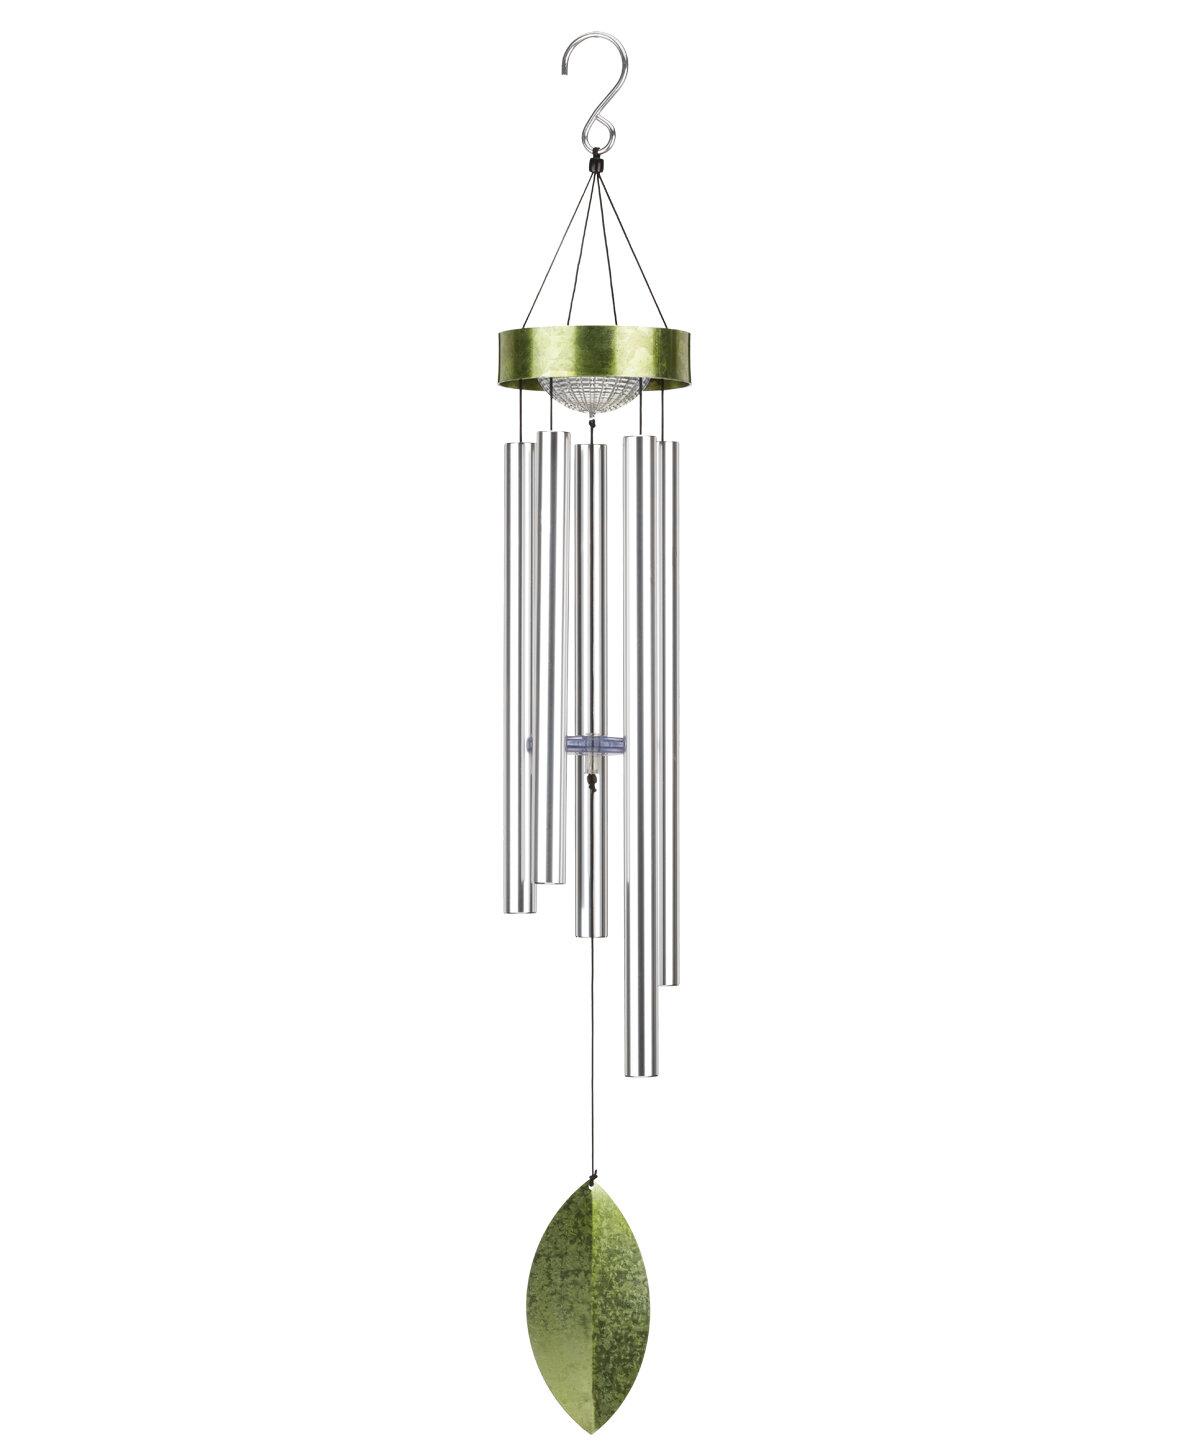 Regal Art Gift Led Solar Wind Chime Wayfair